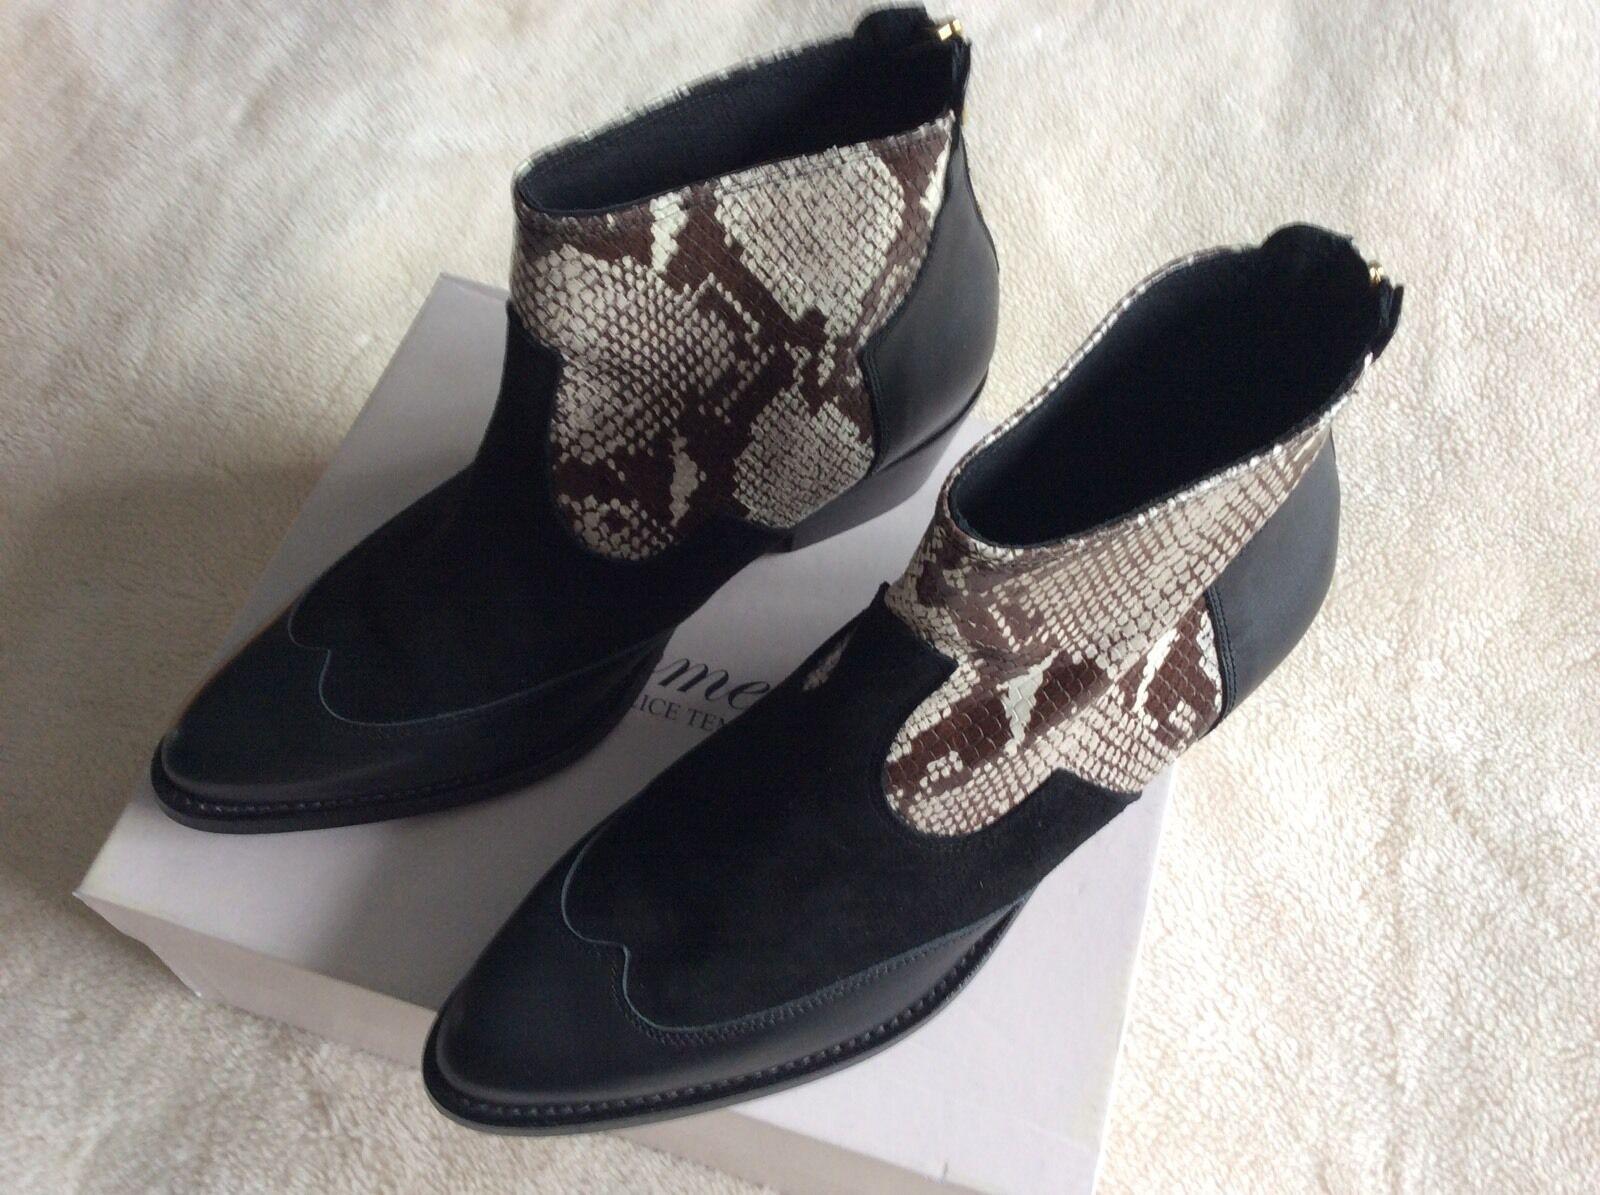 Somerset by Alice Temperley Ledbury Leder/Suede Ankle Stiefel UK 5